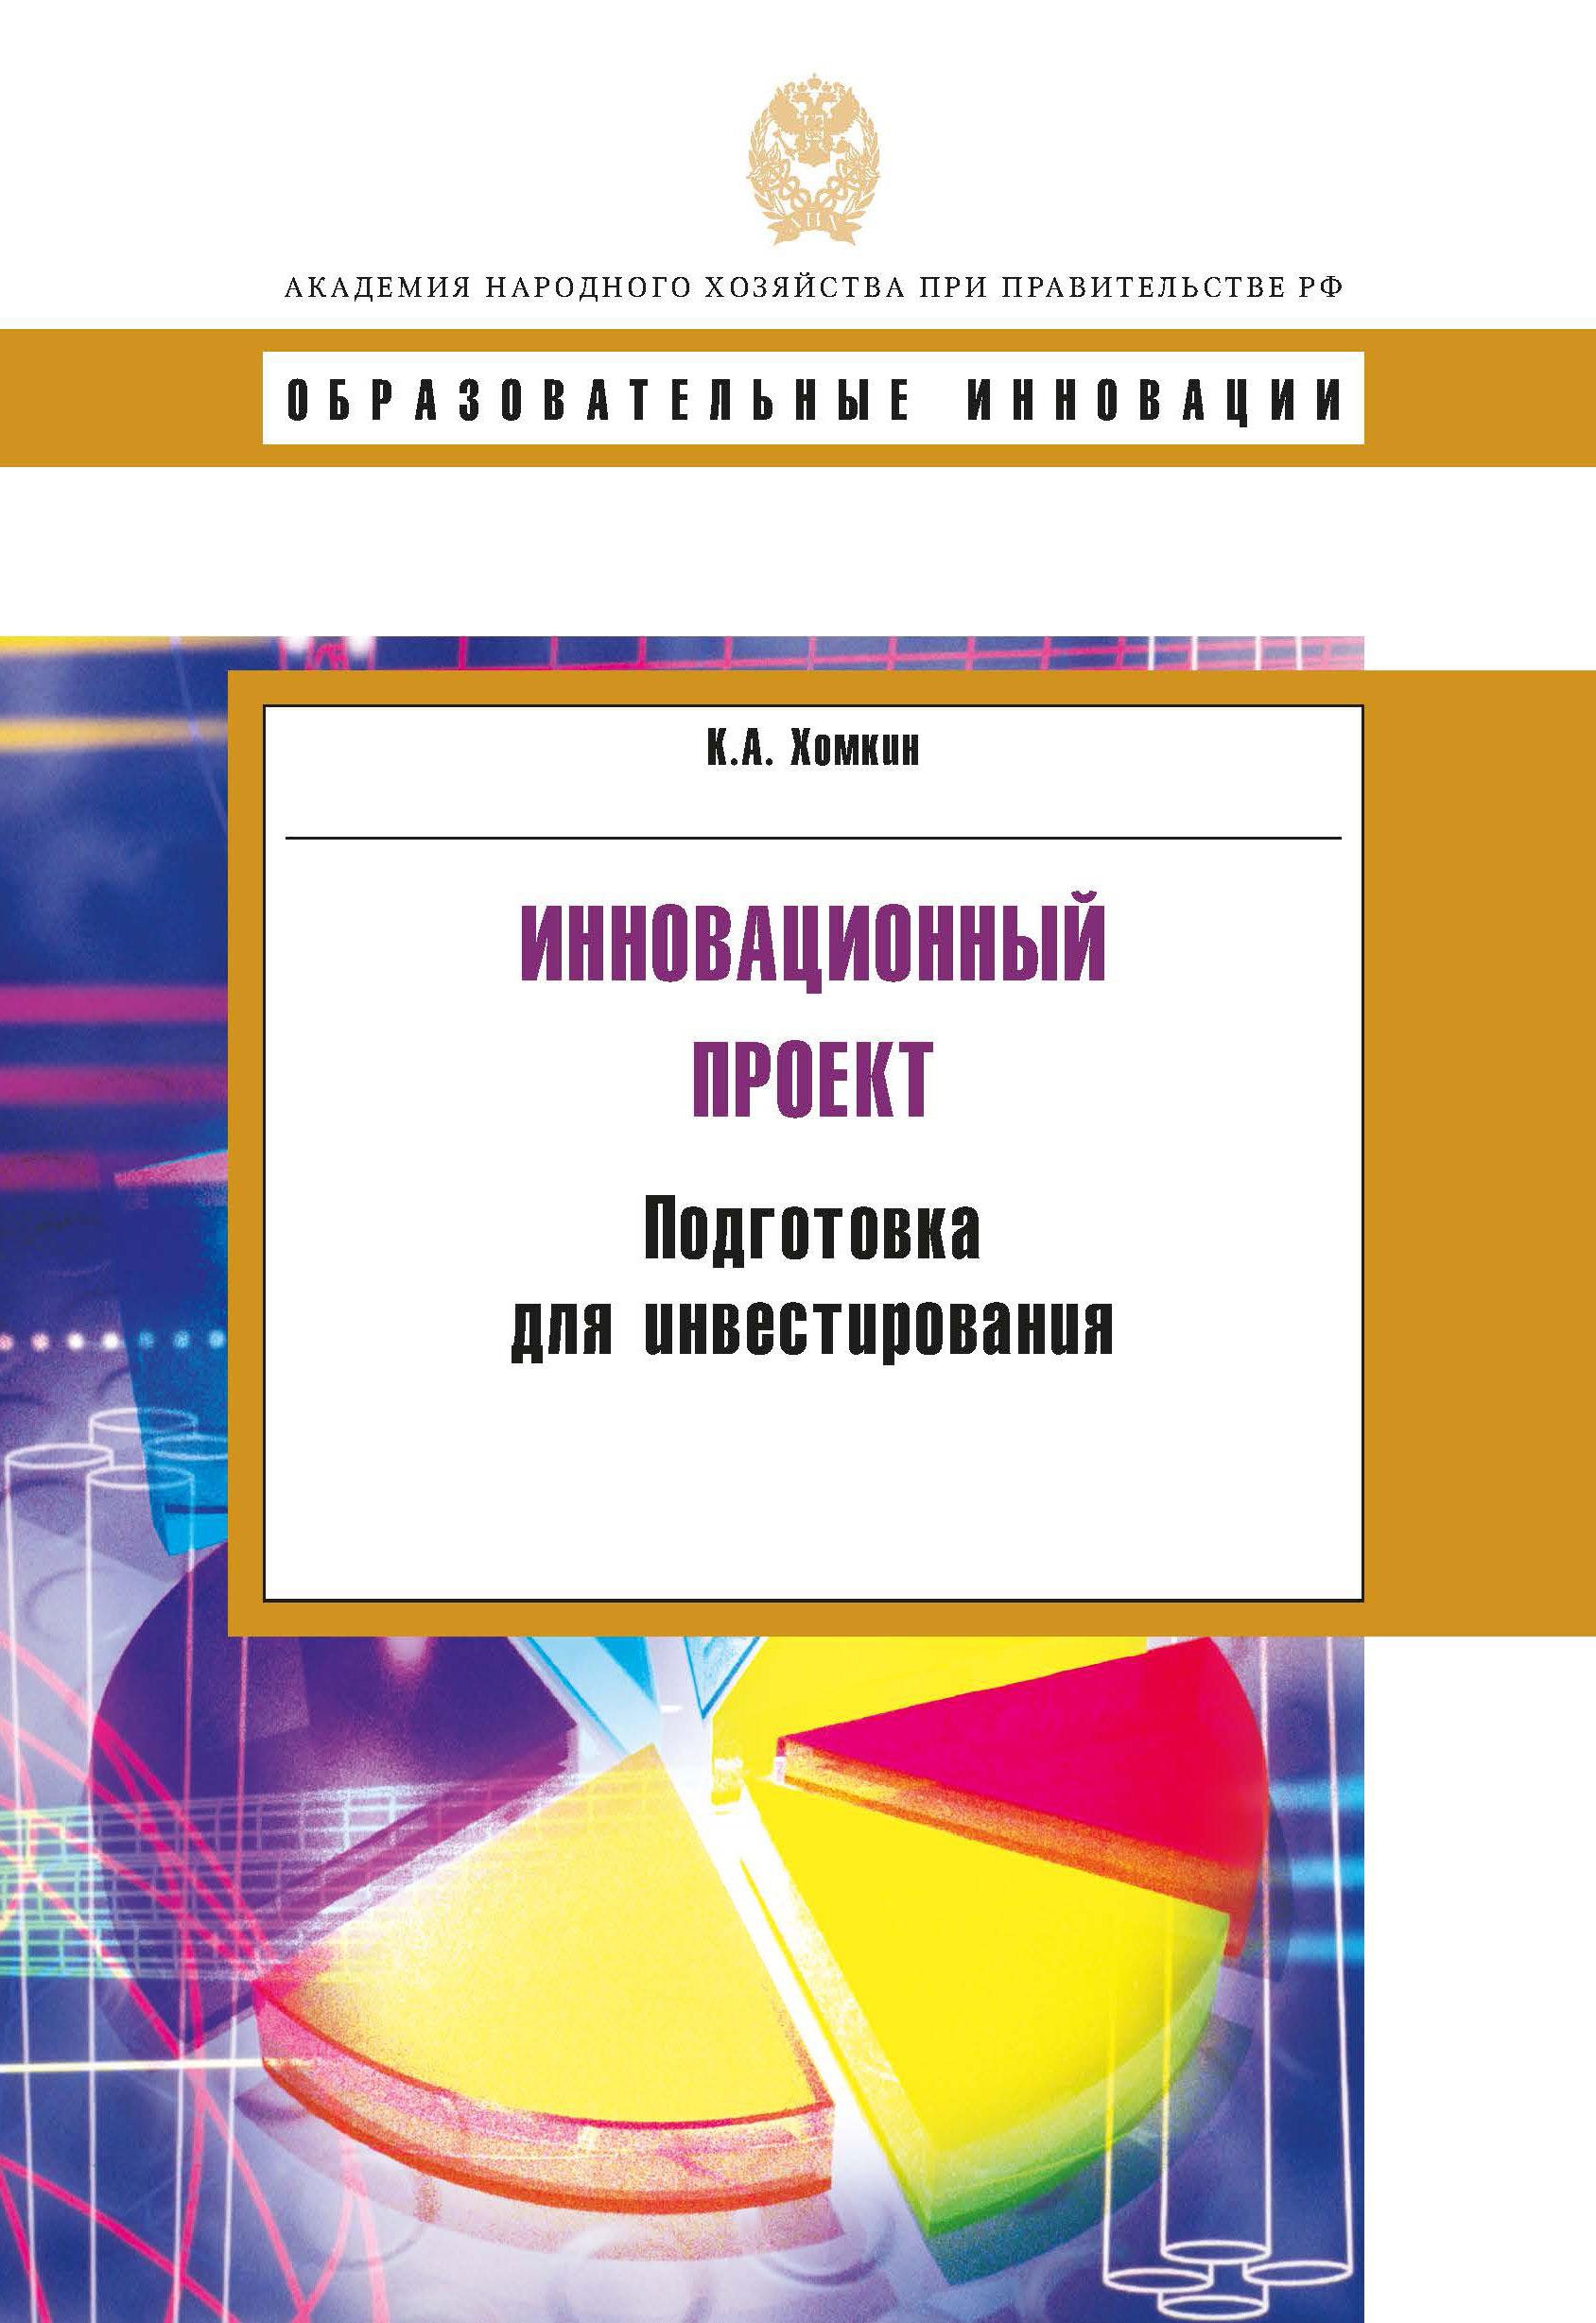 К. А. Хомкин Инновационный проект. Подготовка для инвестирования все цены